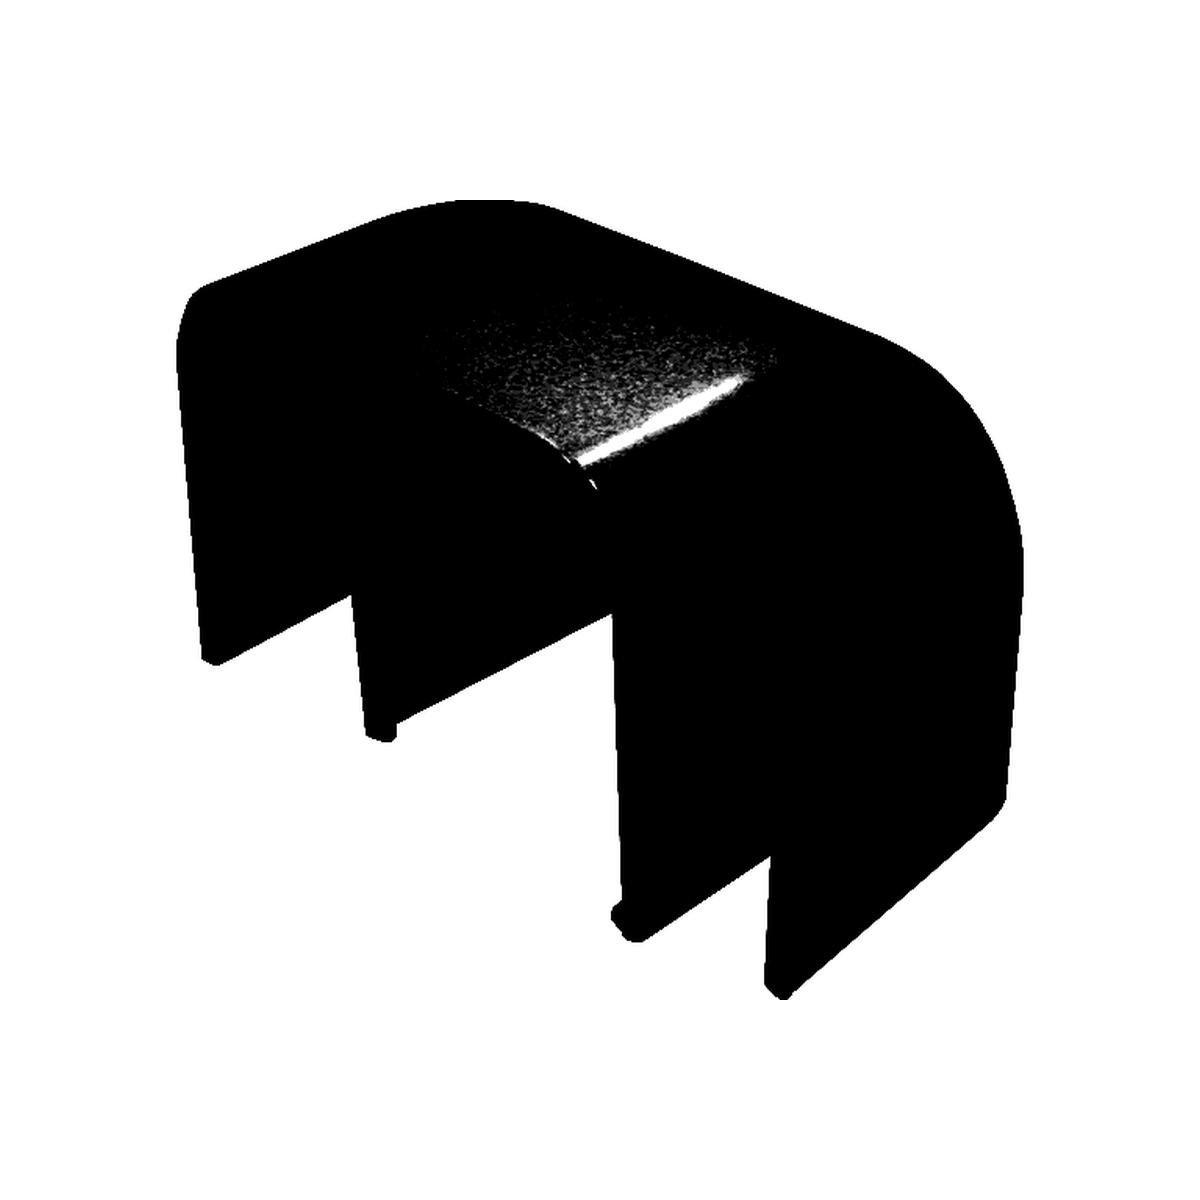 Hörn utvändig 80 x 60 mm svart